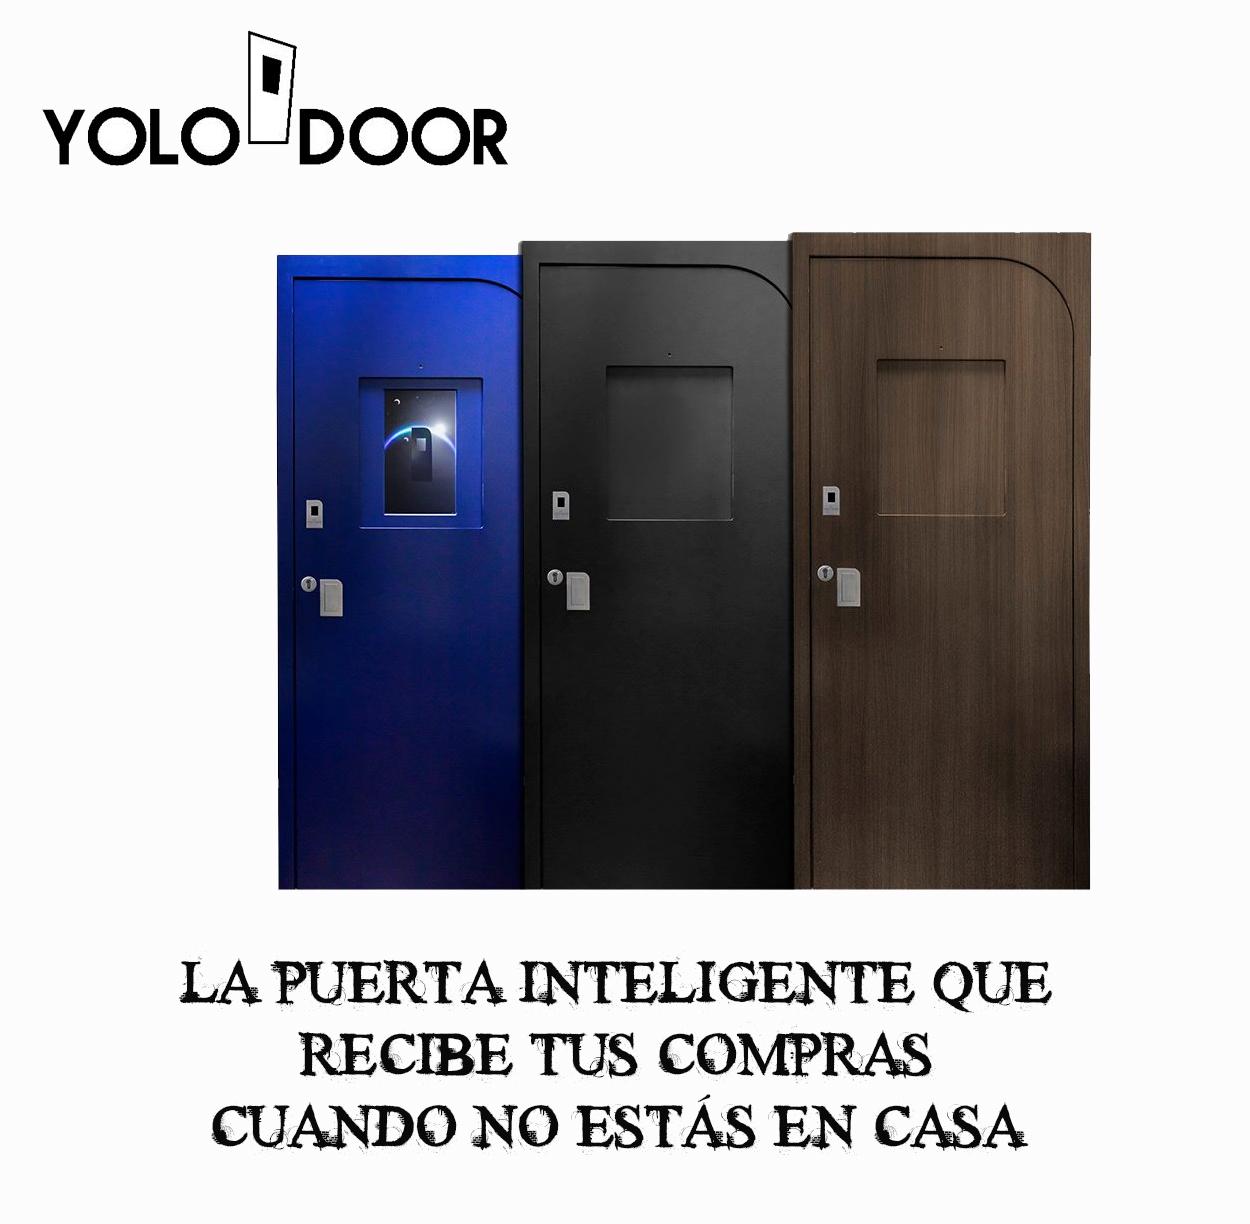 YOLODOOR